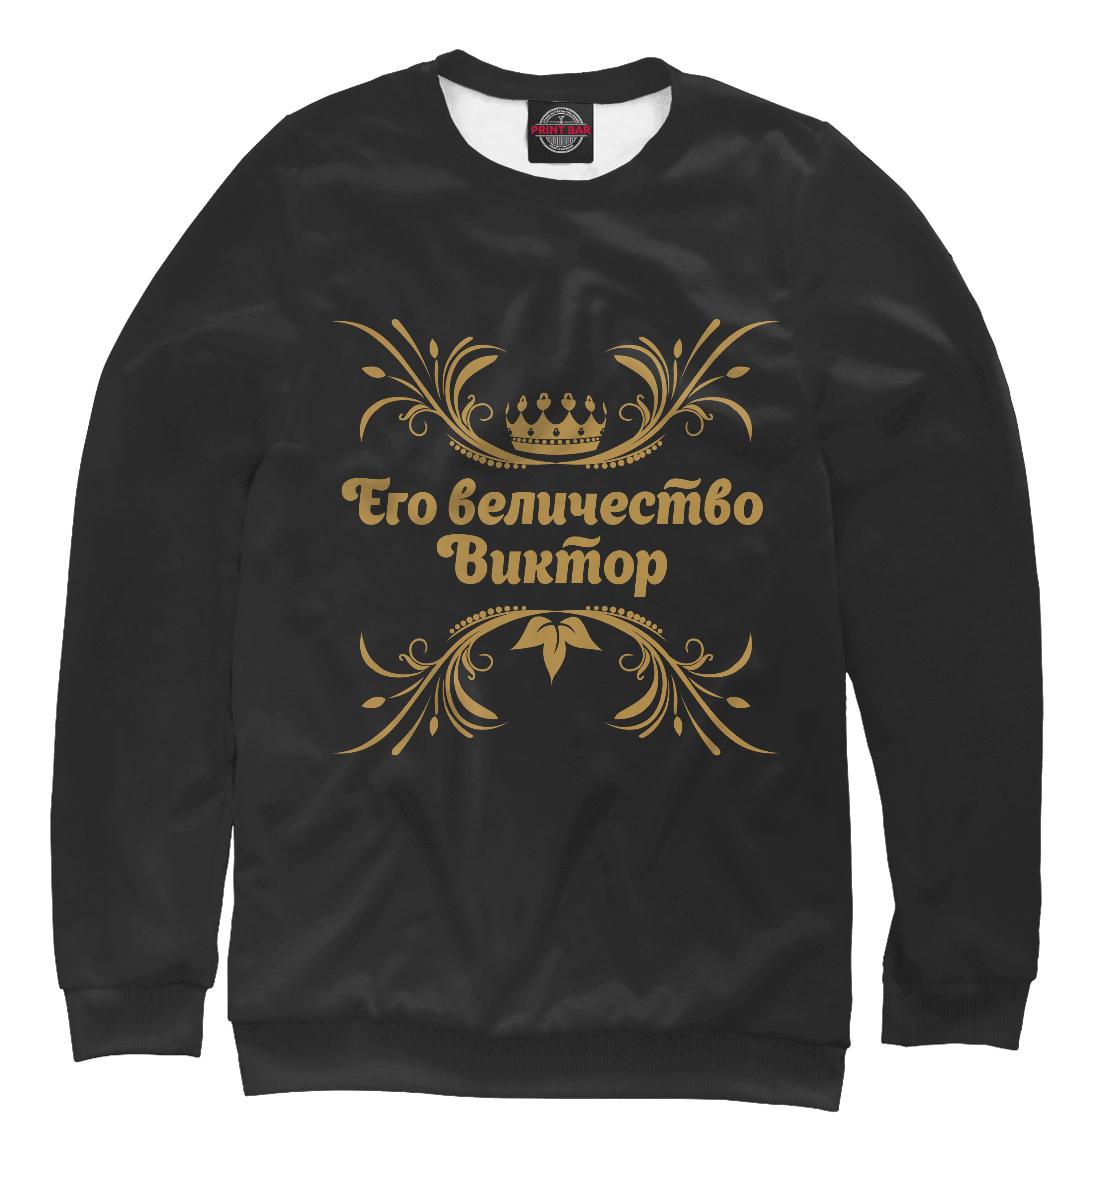 Купить Его величество Виктор, Printbar, Свитшоты, IMR-134879-swi